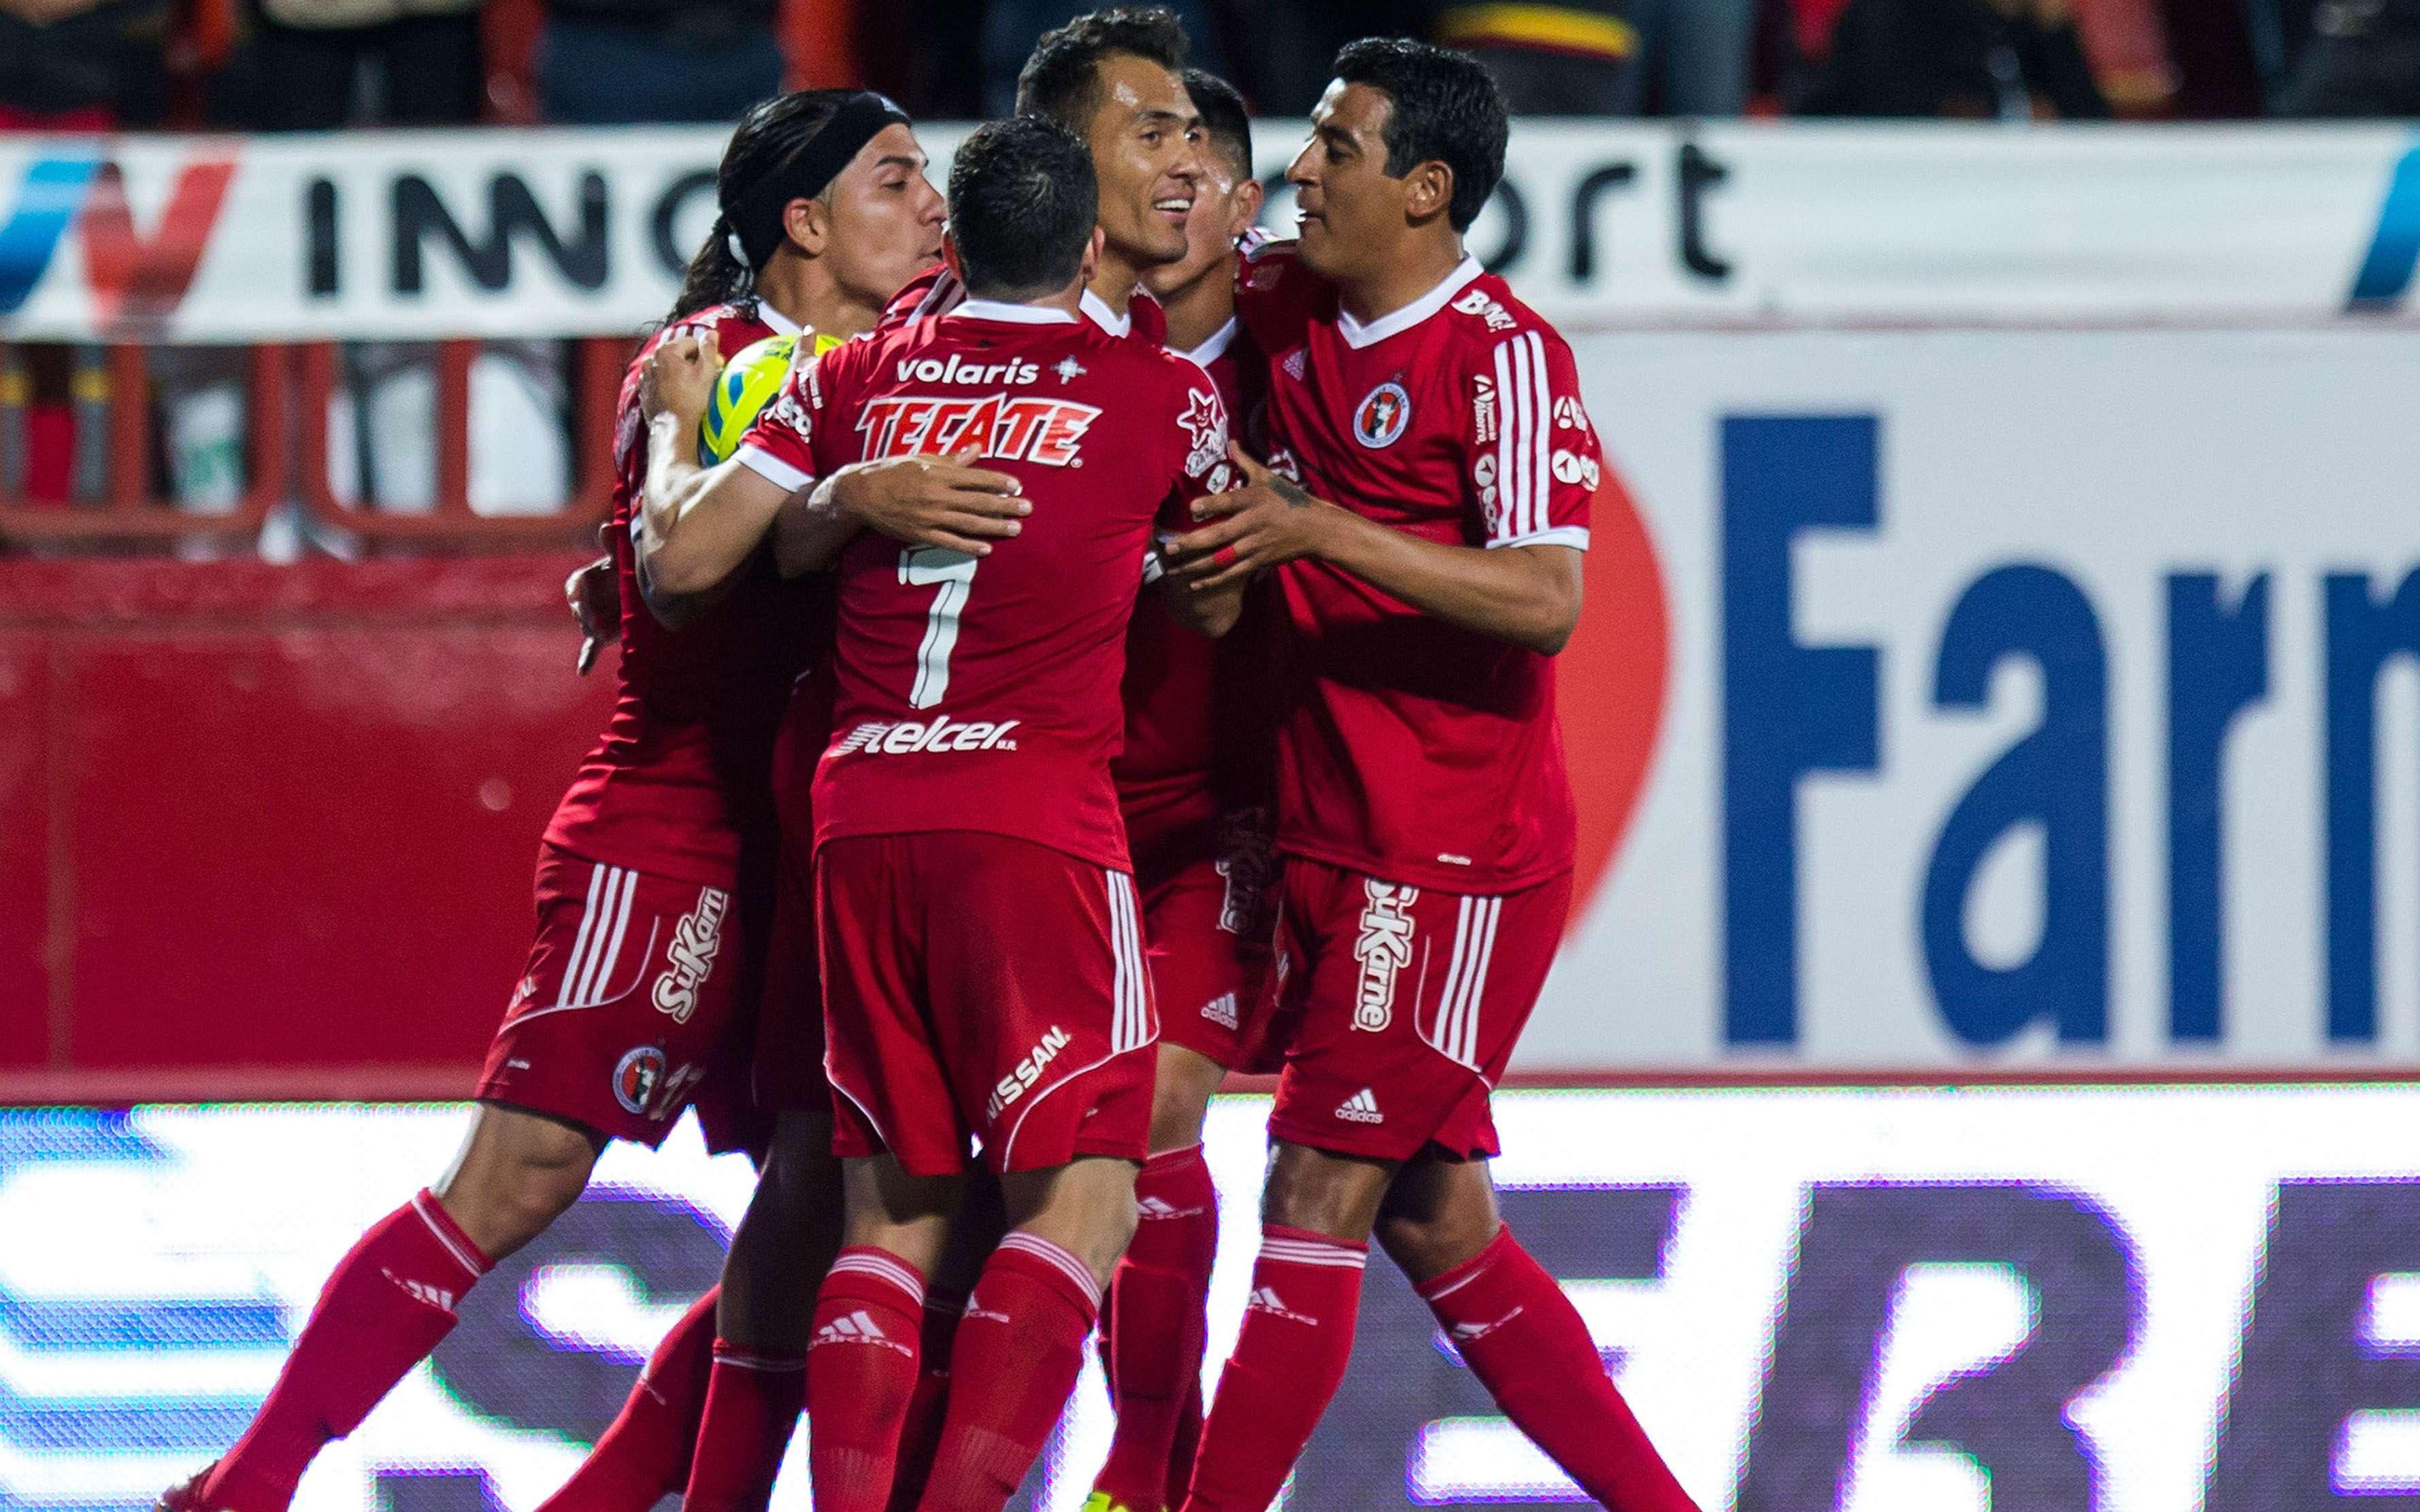 Juan Arango marcó un doblete en la victoria de Xolos 3-2 sobre Pachuca. Foto: Mexsport